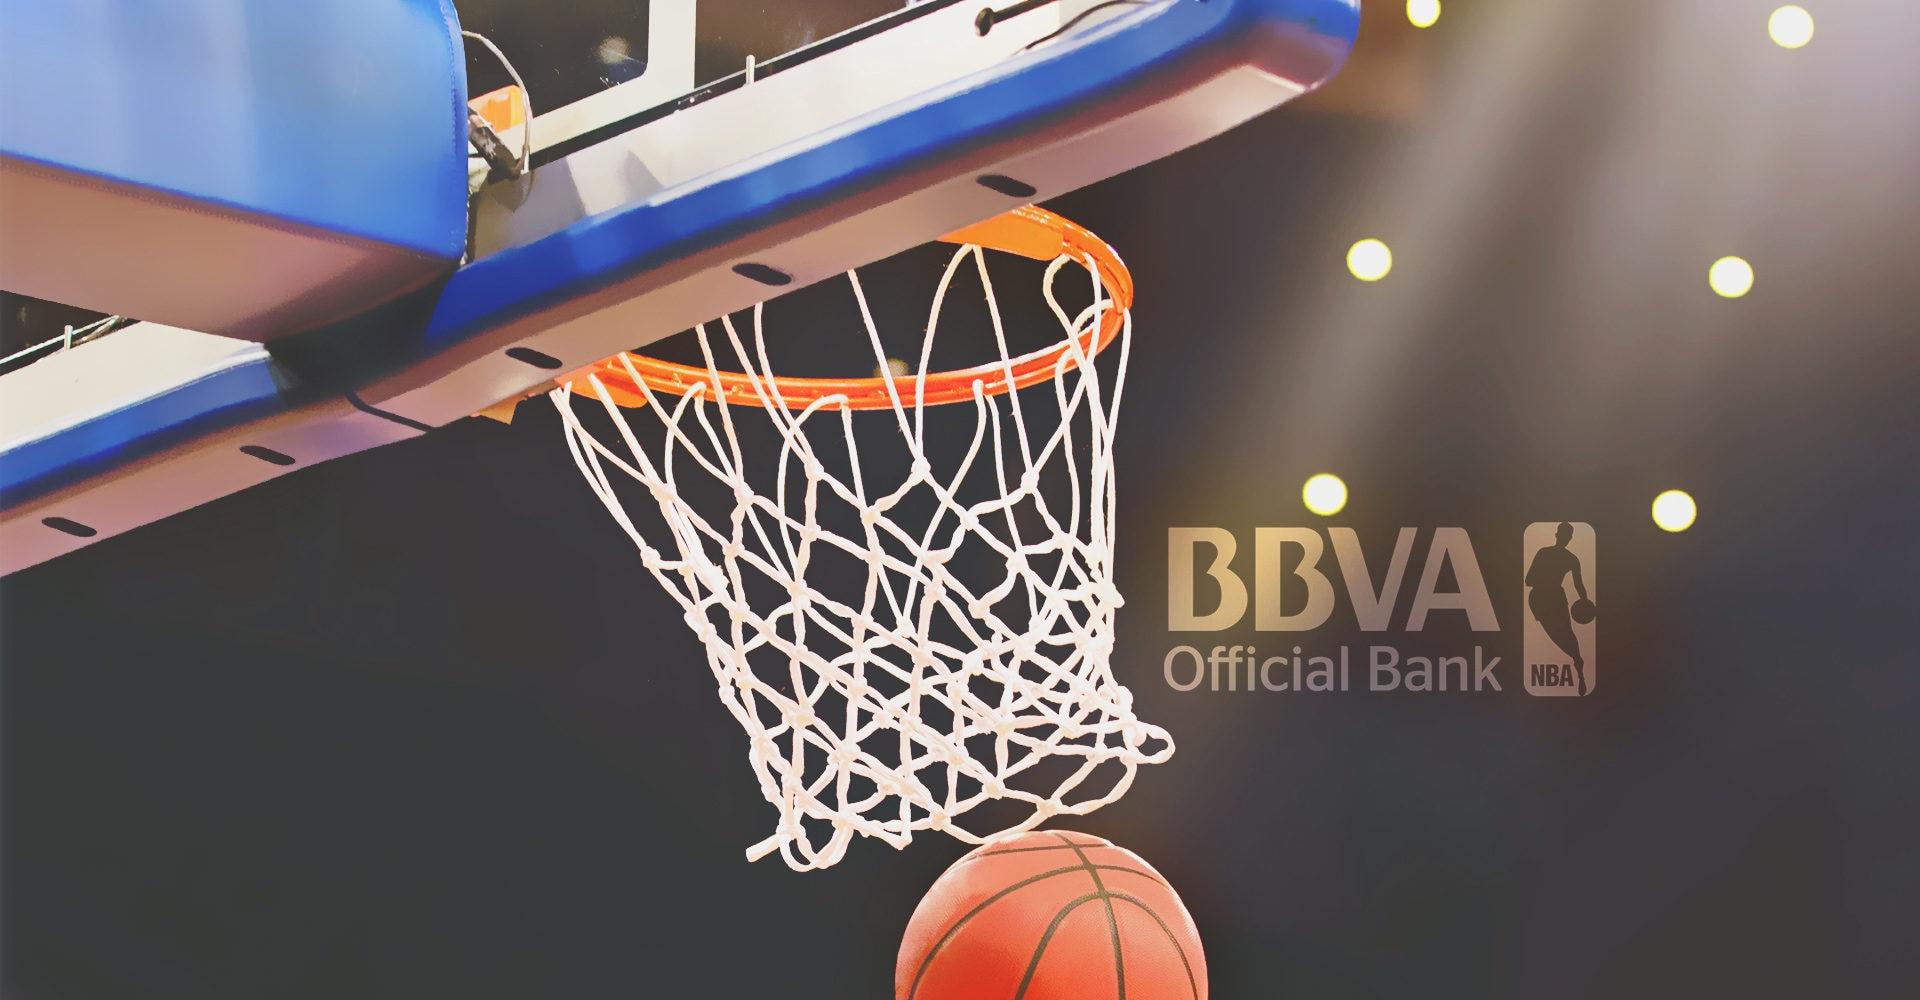 NBA - BBVA Official Bank